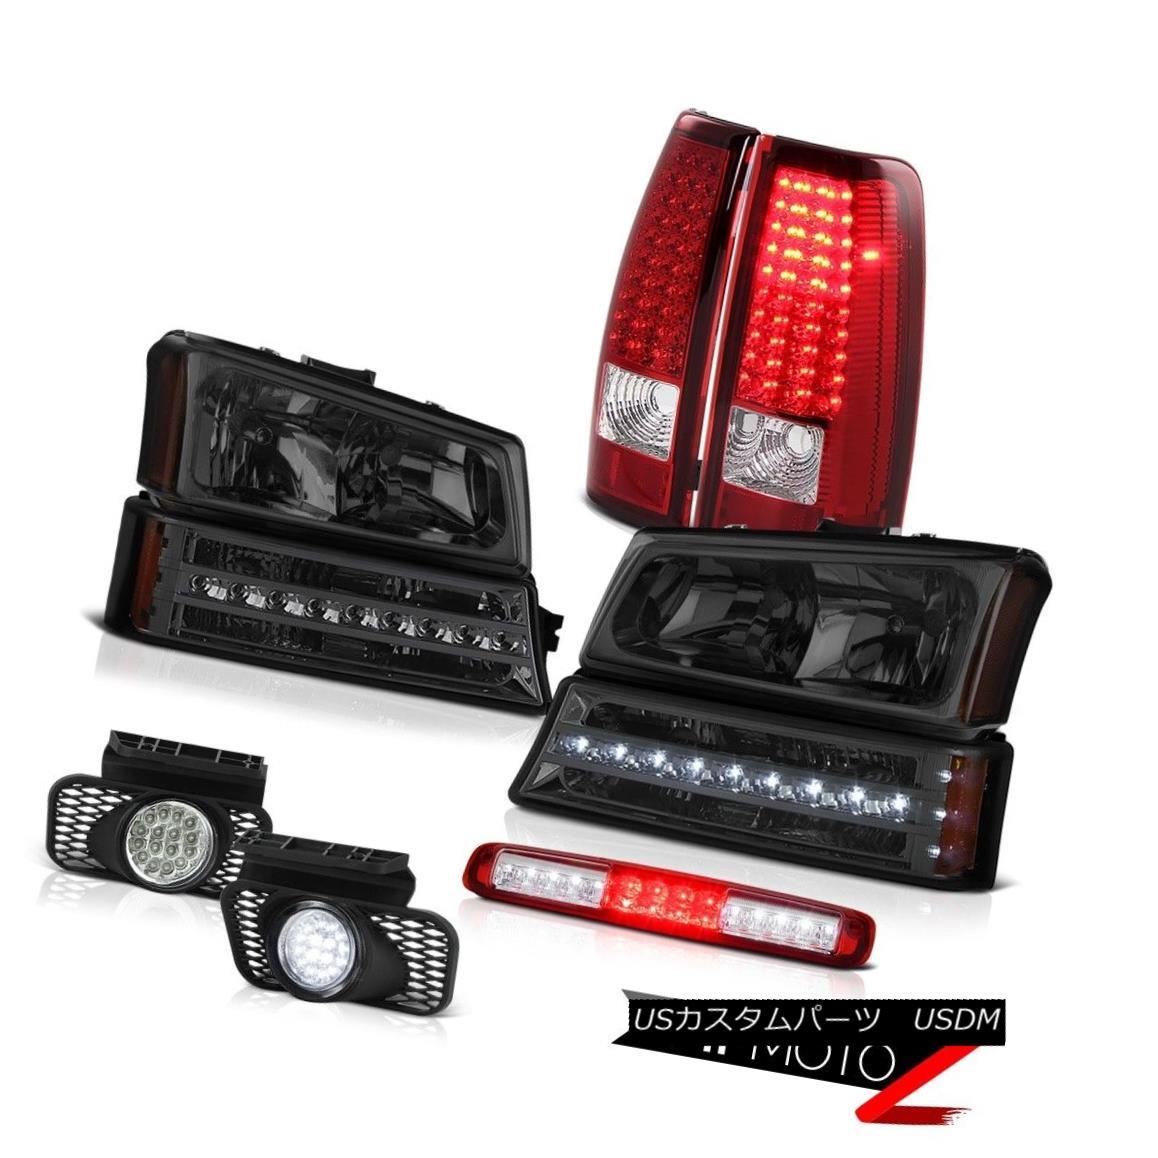 テールライト 2003-2006 Silverado Red Third Brake Lamp Headlights Fog Lamps Signal Tail Lamps 2003-2006シルバラードレッド第3ブレーキランプヘッドライトフォグランプ信号テールランプ